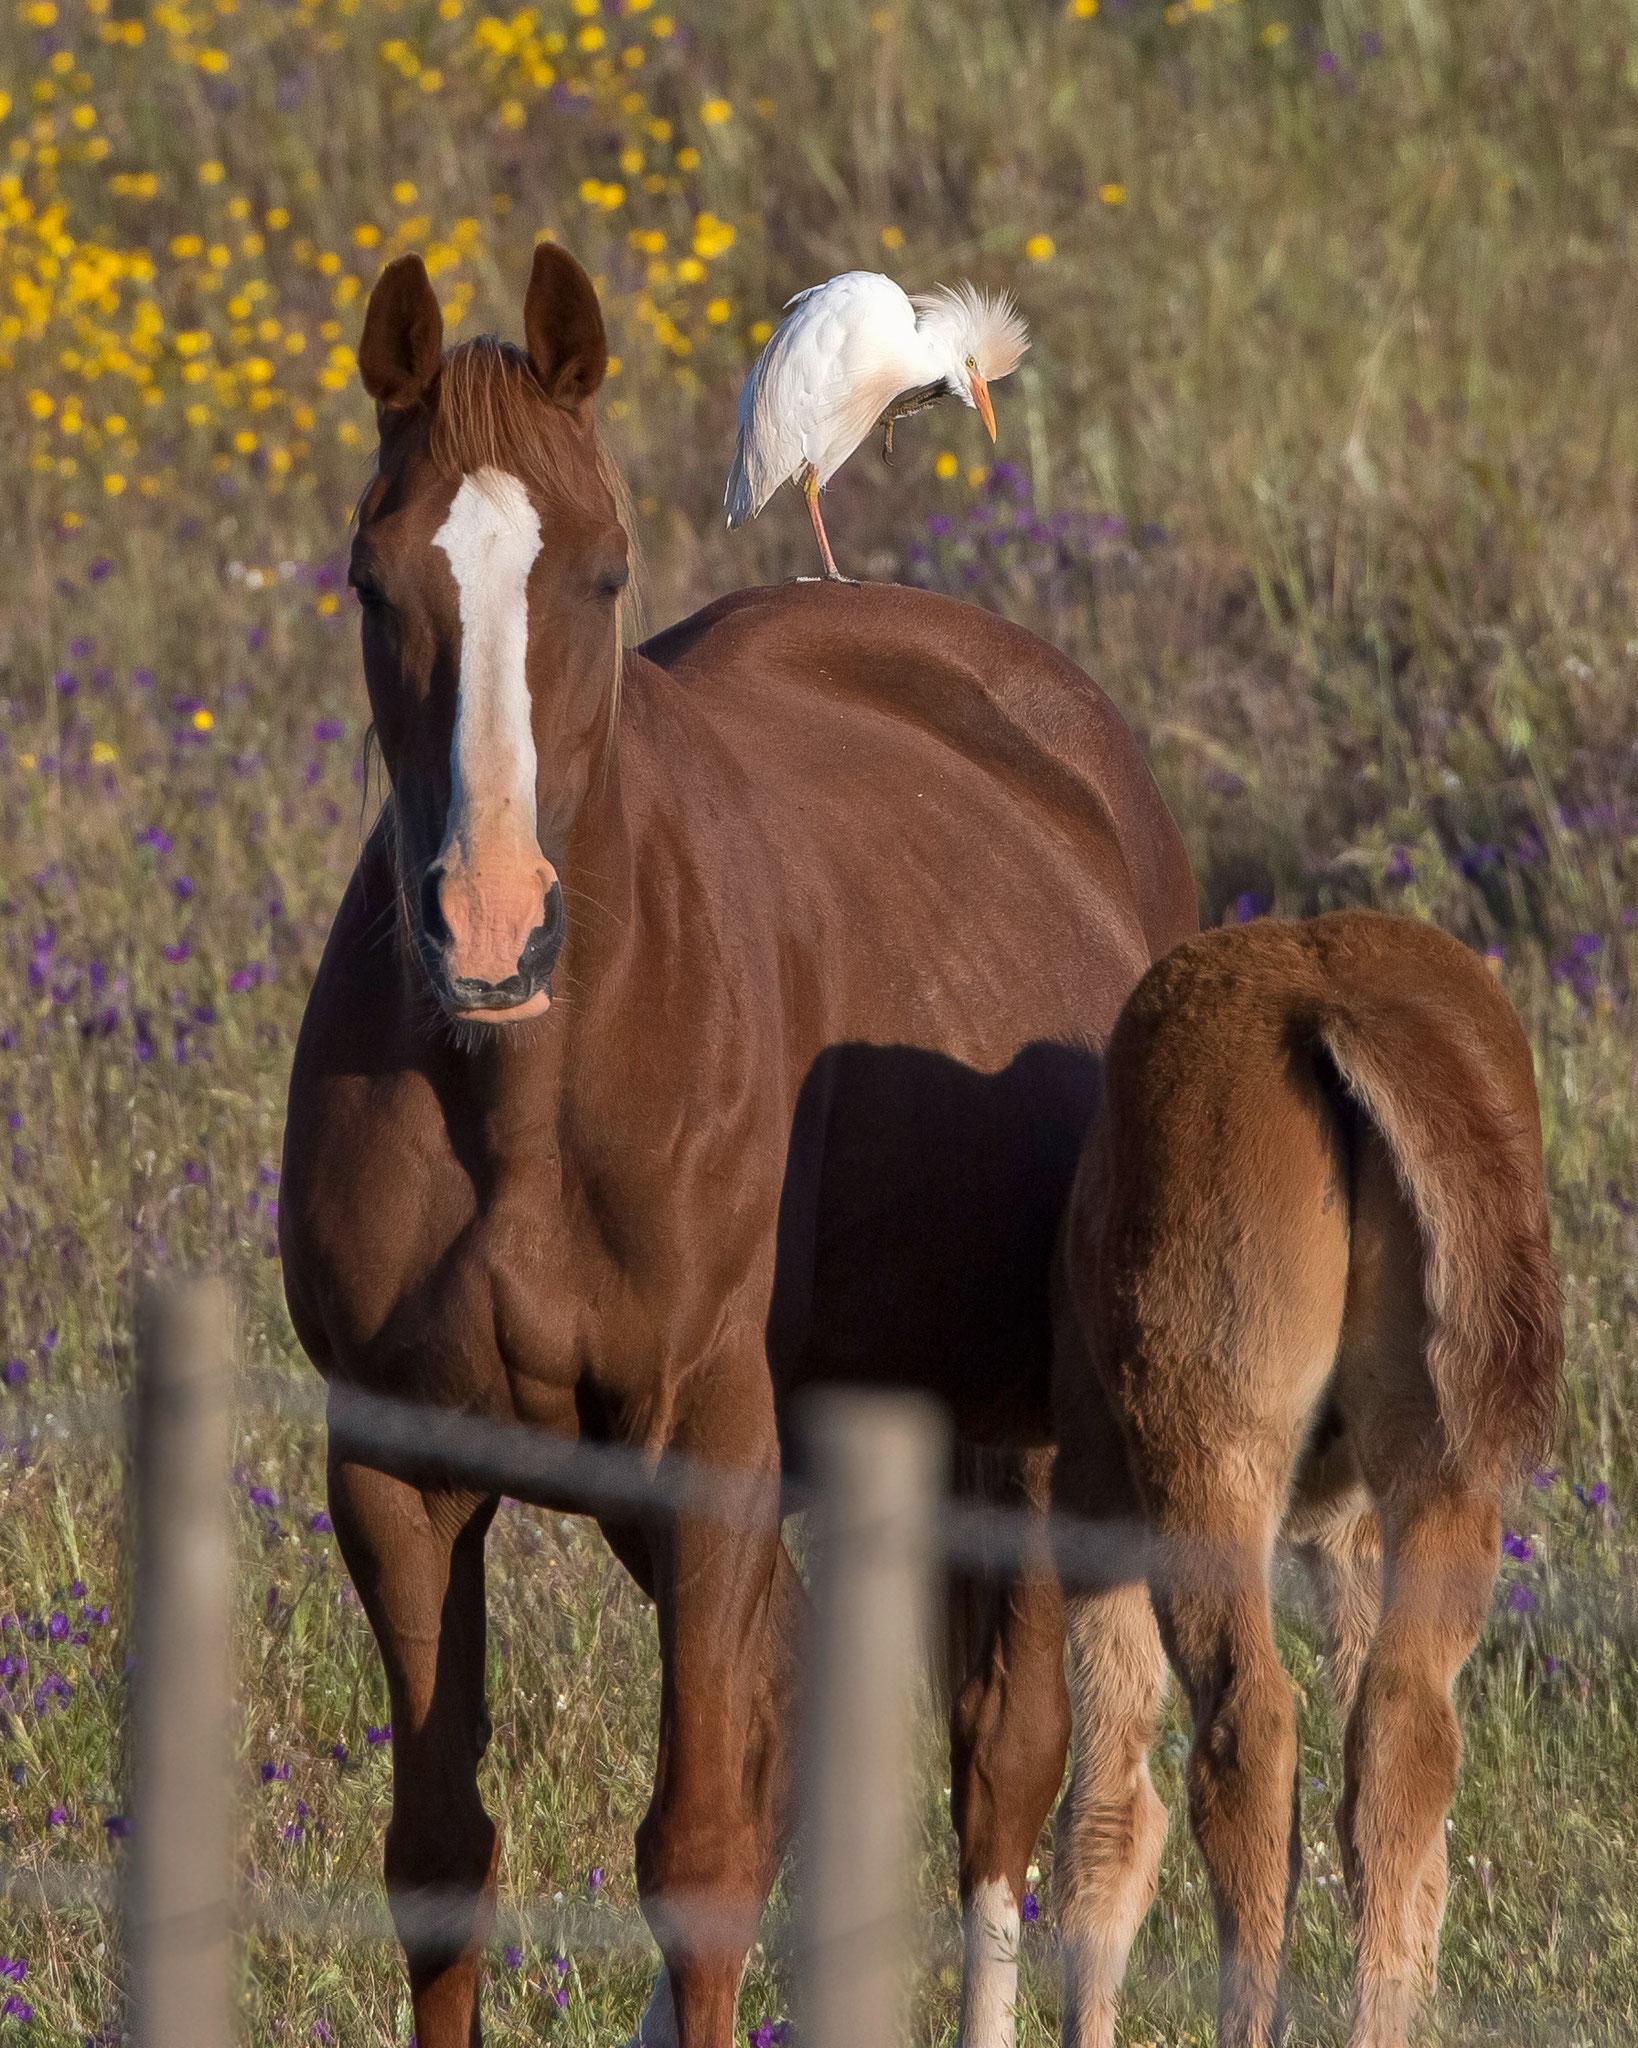 ... und noch glücklichere Kuhreiher, die so schöne Pferde reiten dürfen